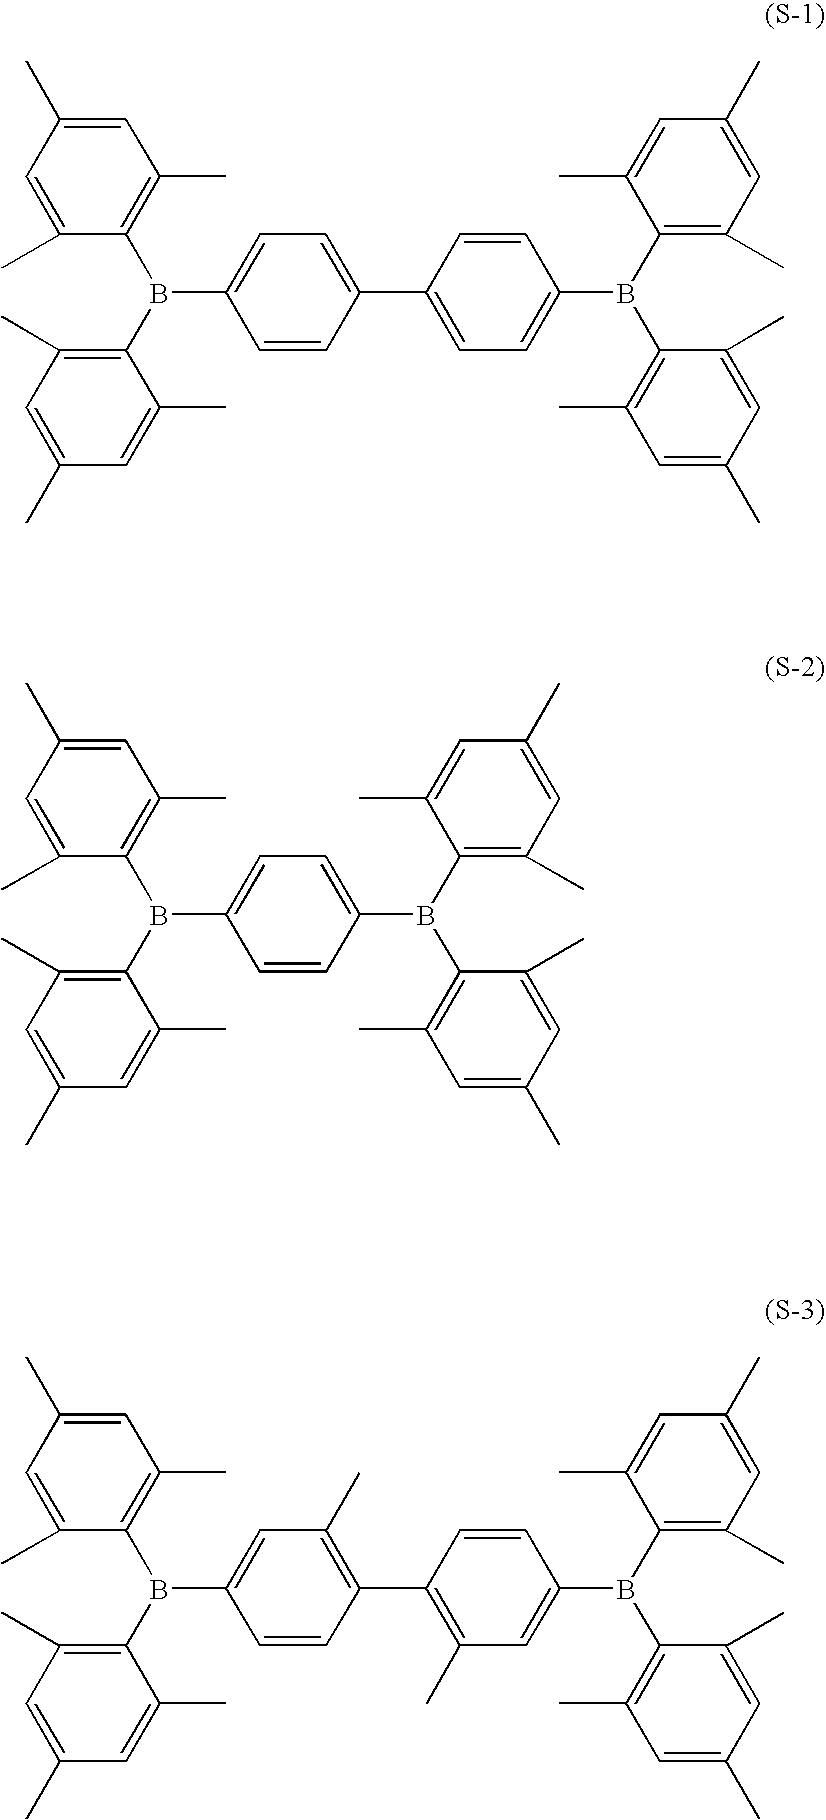 Figure US20100244677A1-20100930-C00083